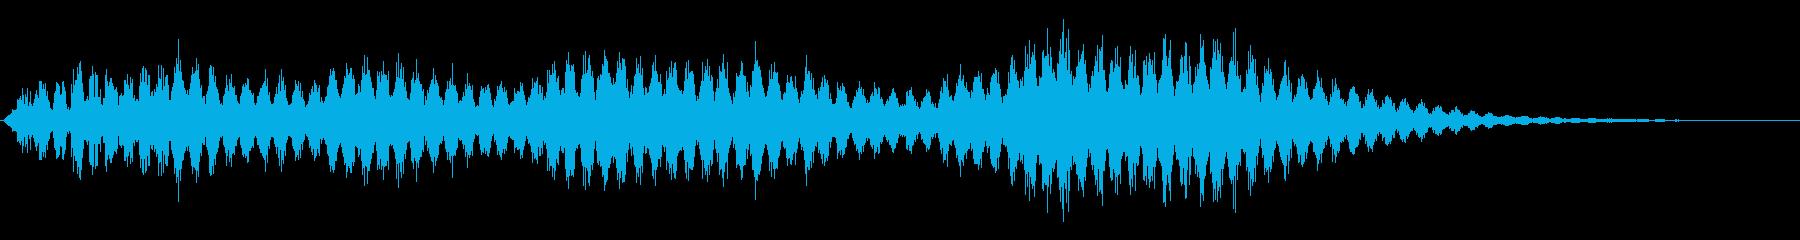 バイブラフォン:夢、長いの再生済みの波形